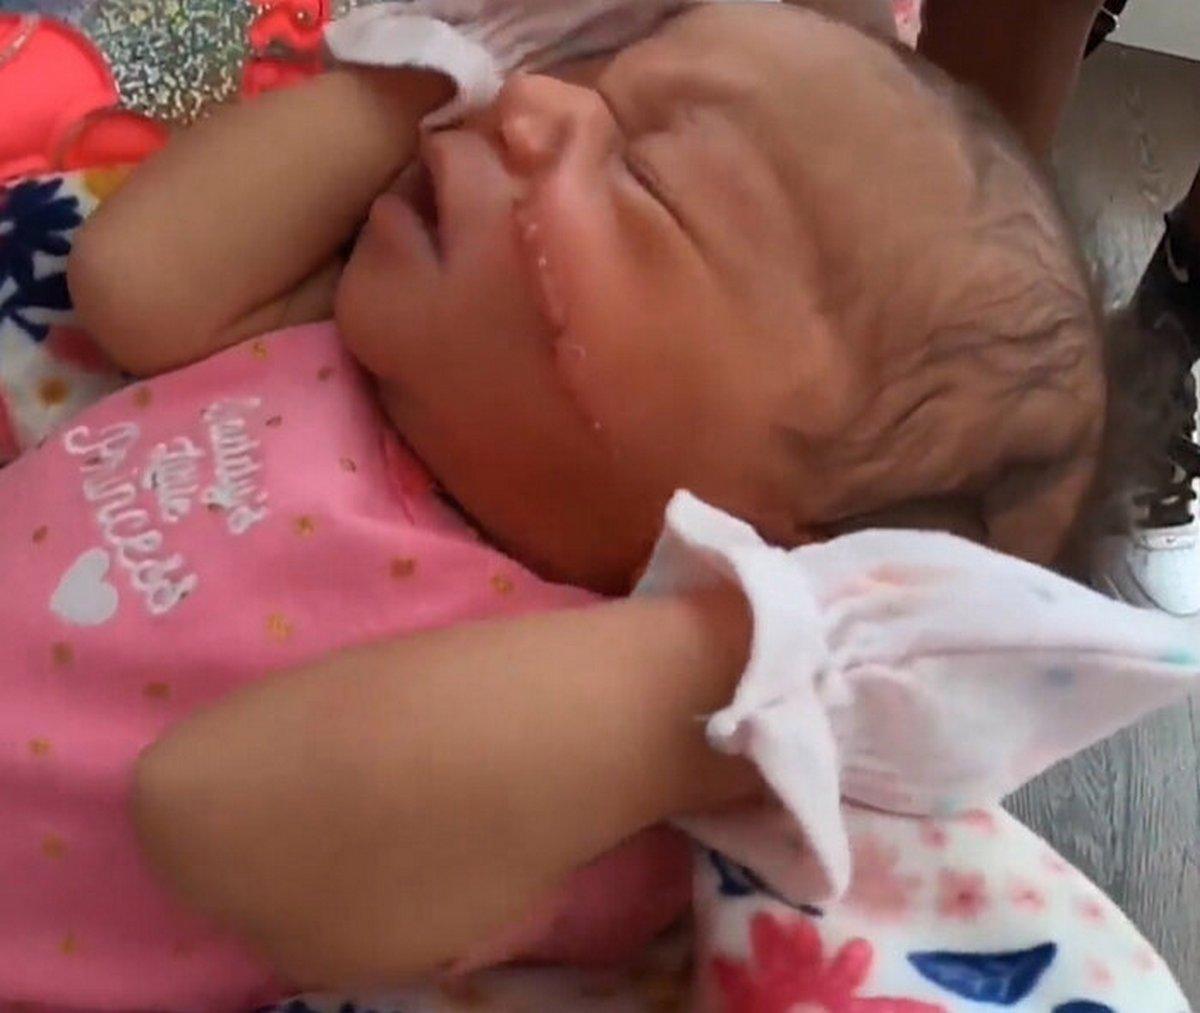 Un bébé naît avec une énorme coupure sur le visage après une césarienne